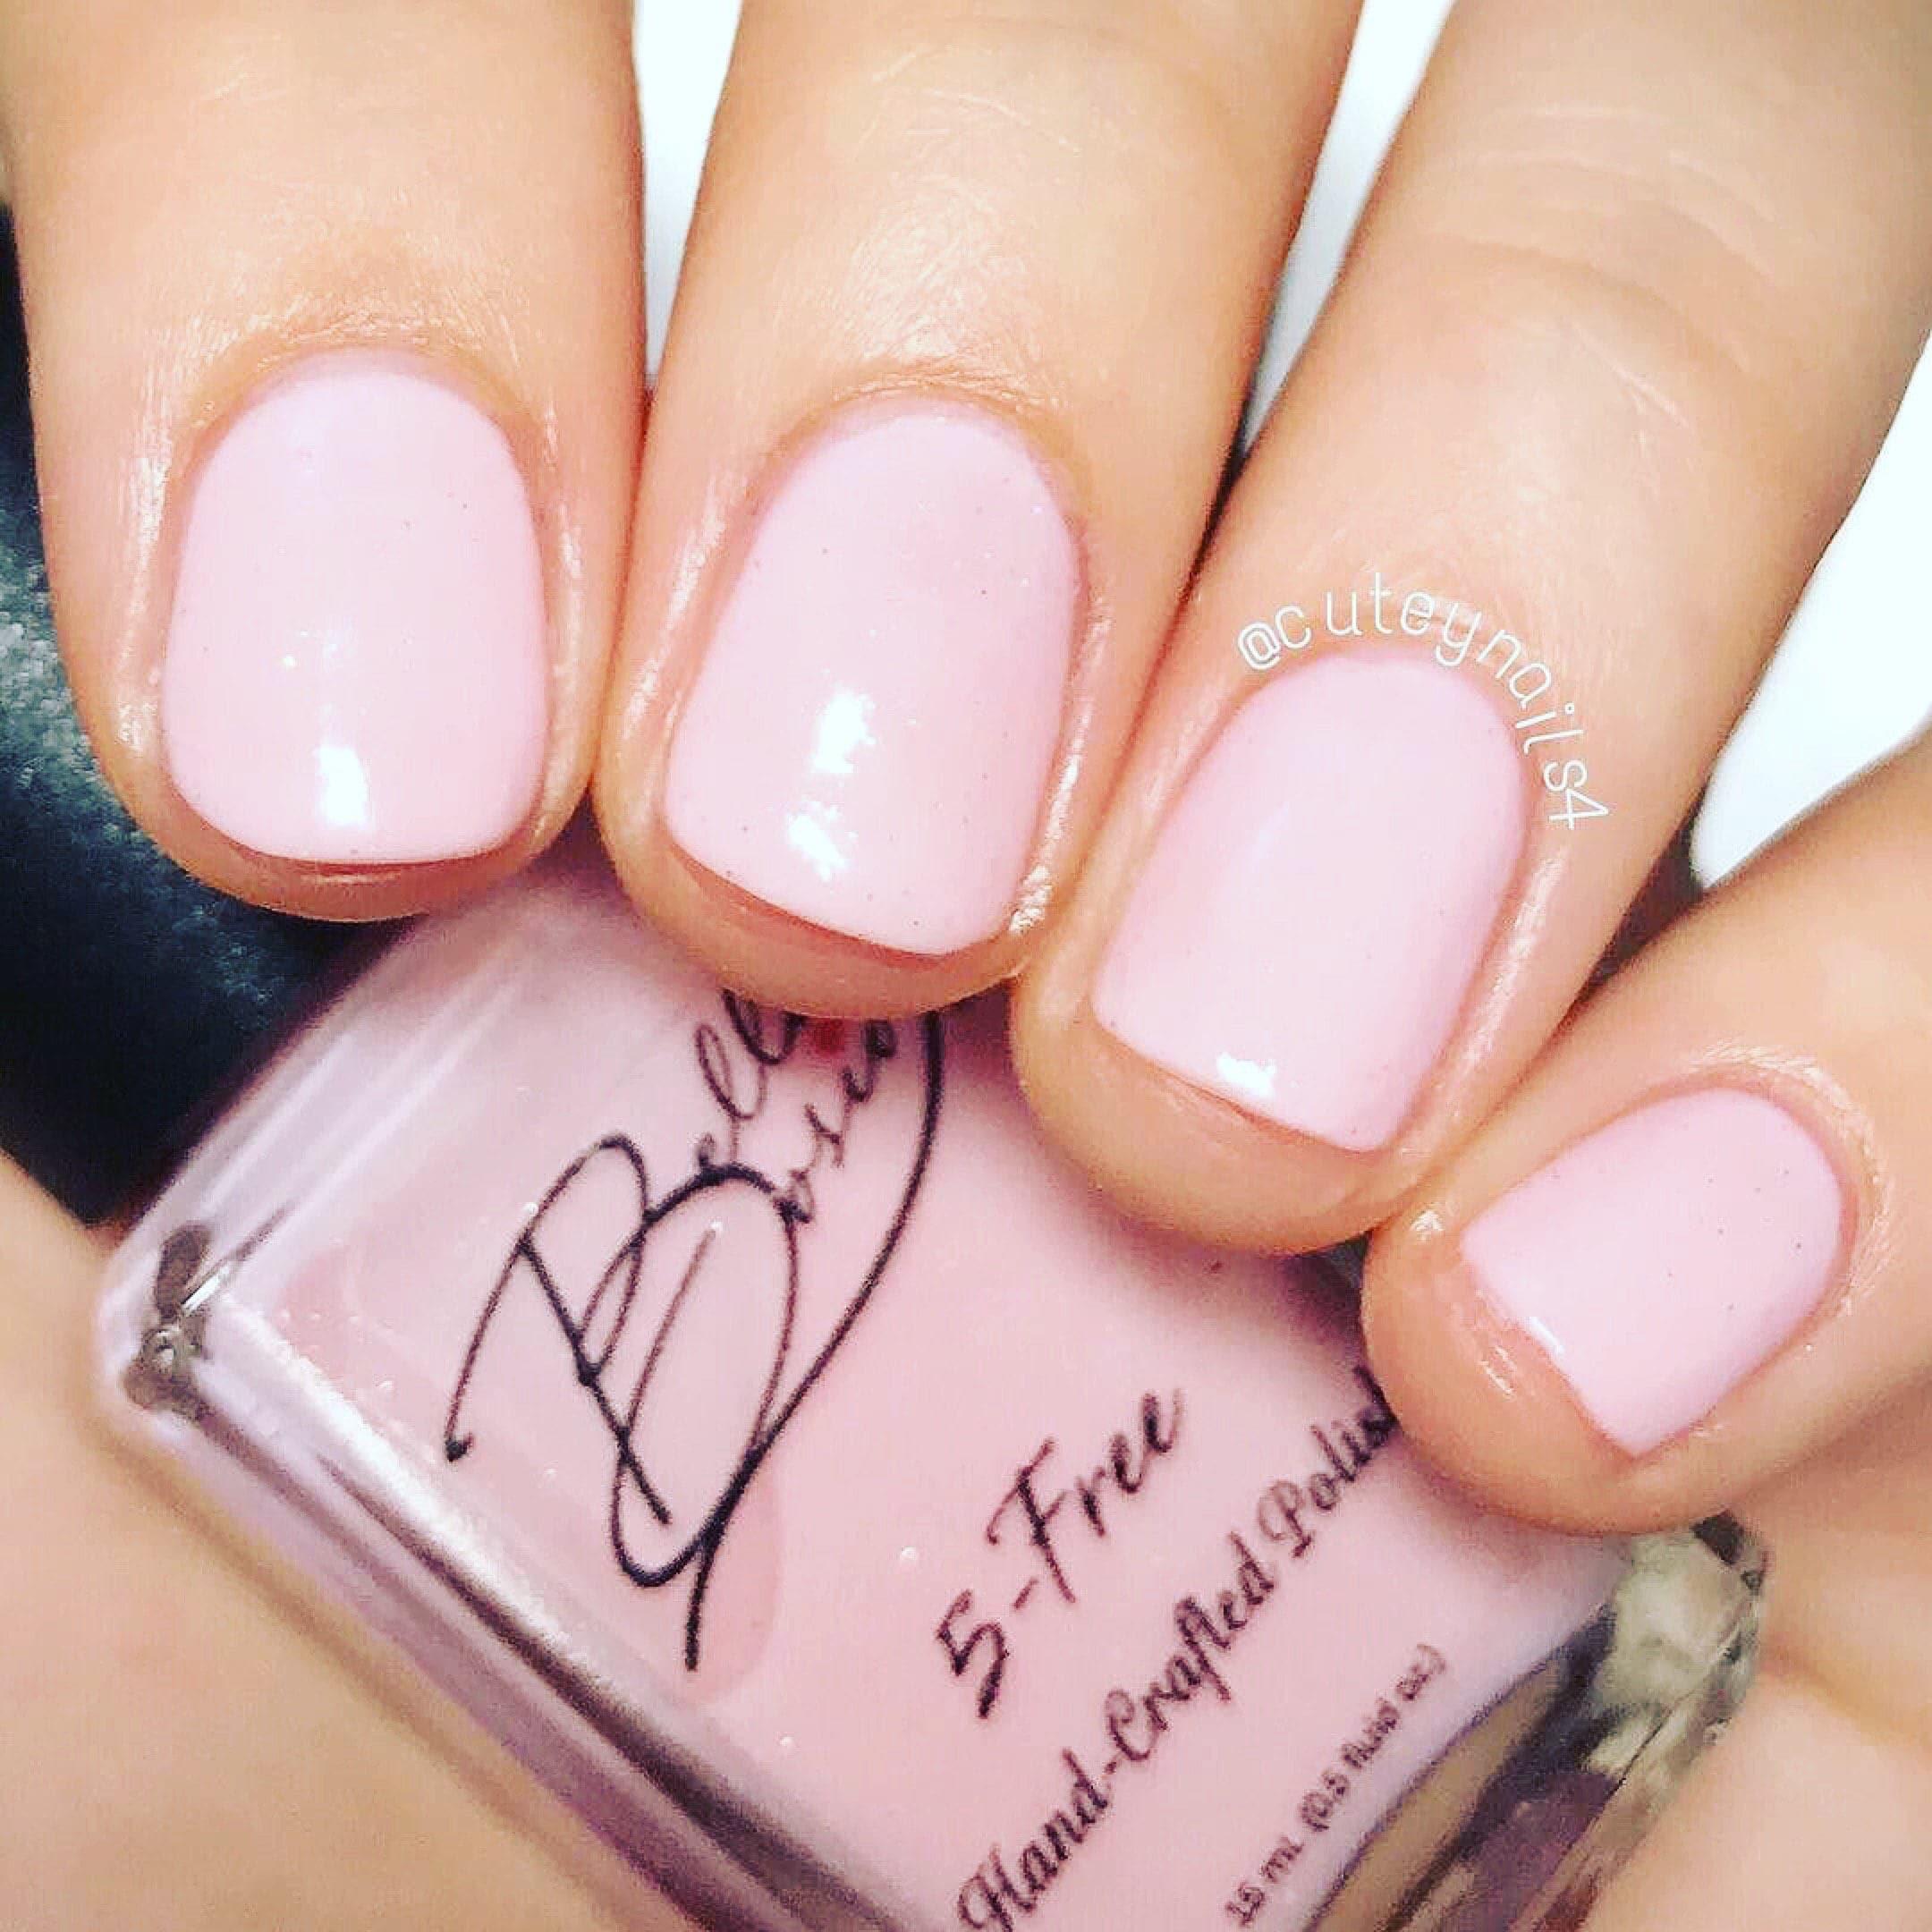 Sheer Pink Opi Nail Polish: Sheer Class Sheer Pink Nail Polish With Micro Glitters